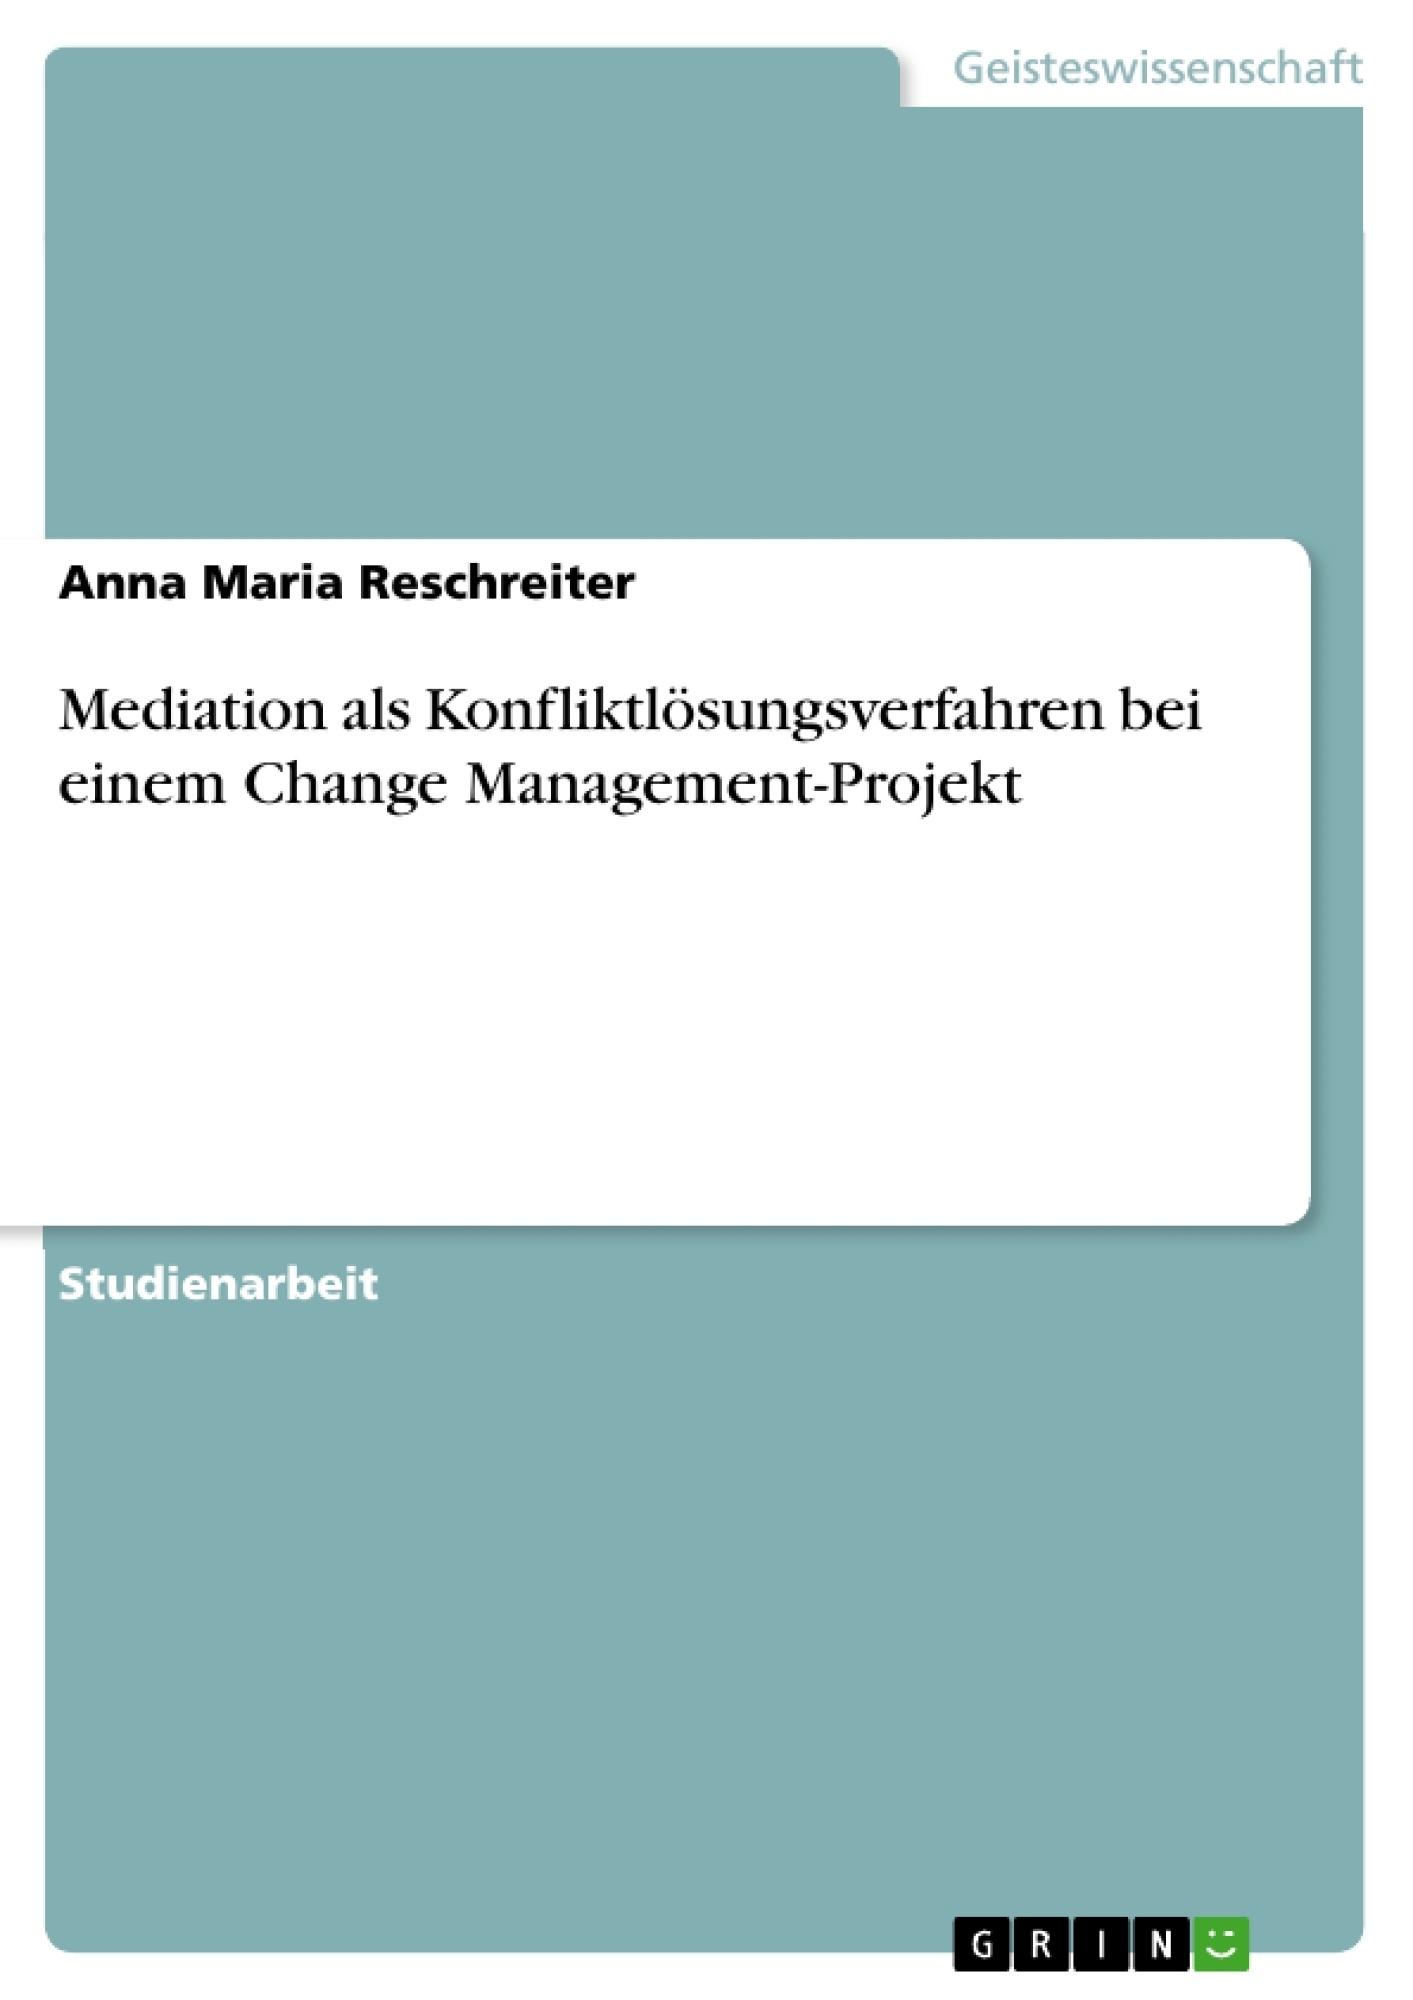 Titel: Mediation als Konfliktlösungsverfahren bei einem Change Management-Projekt